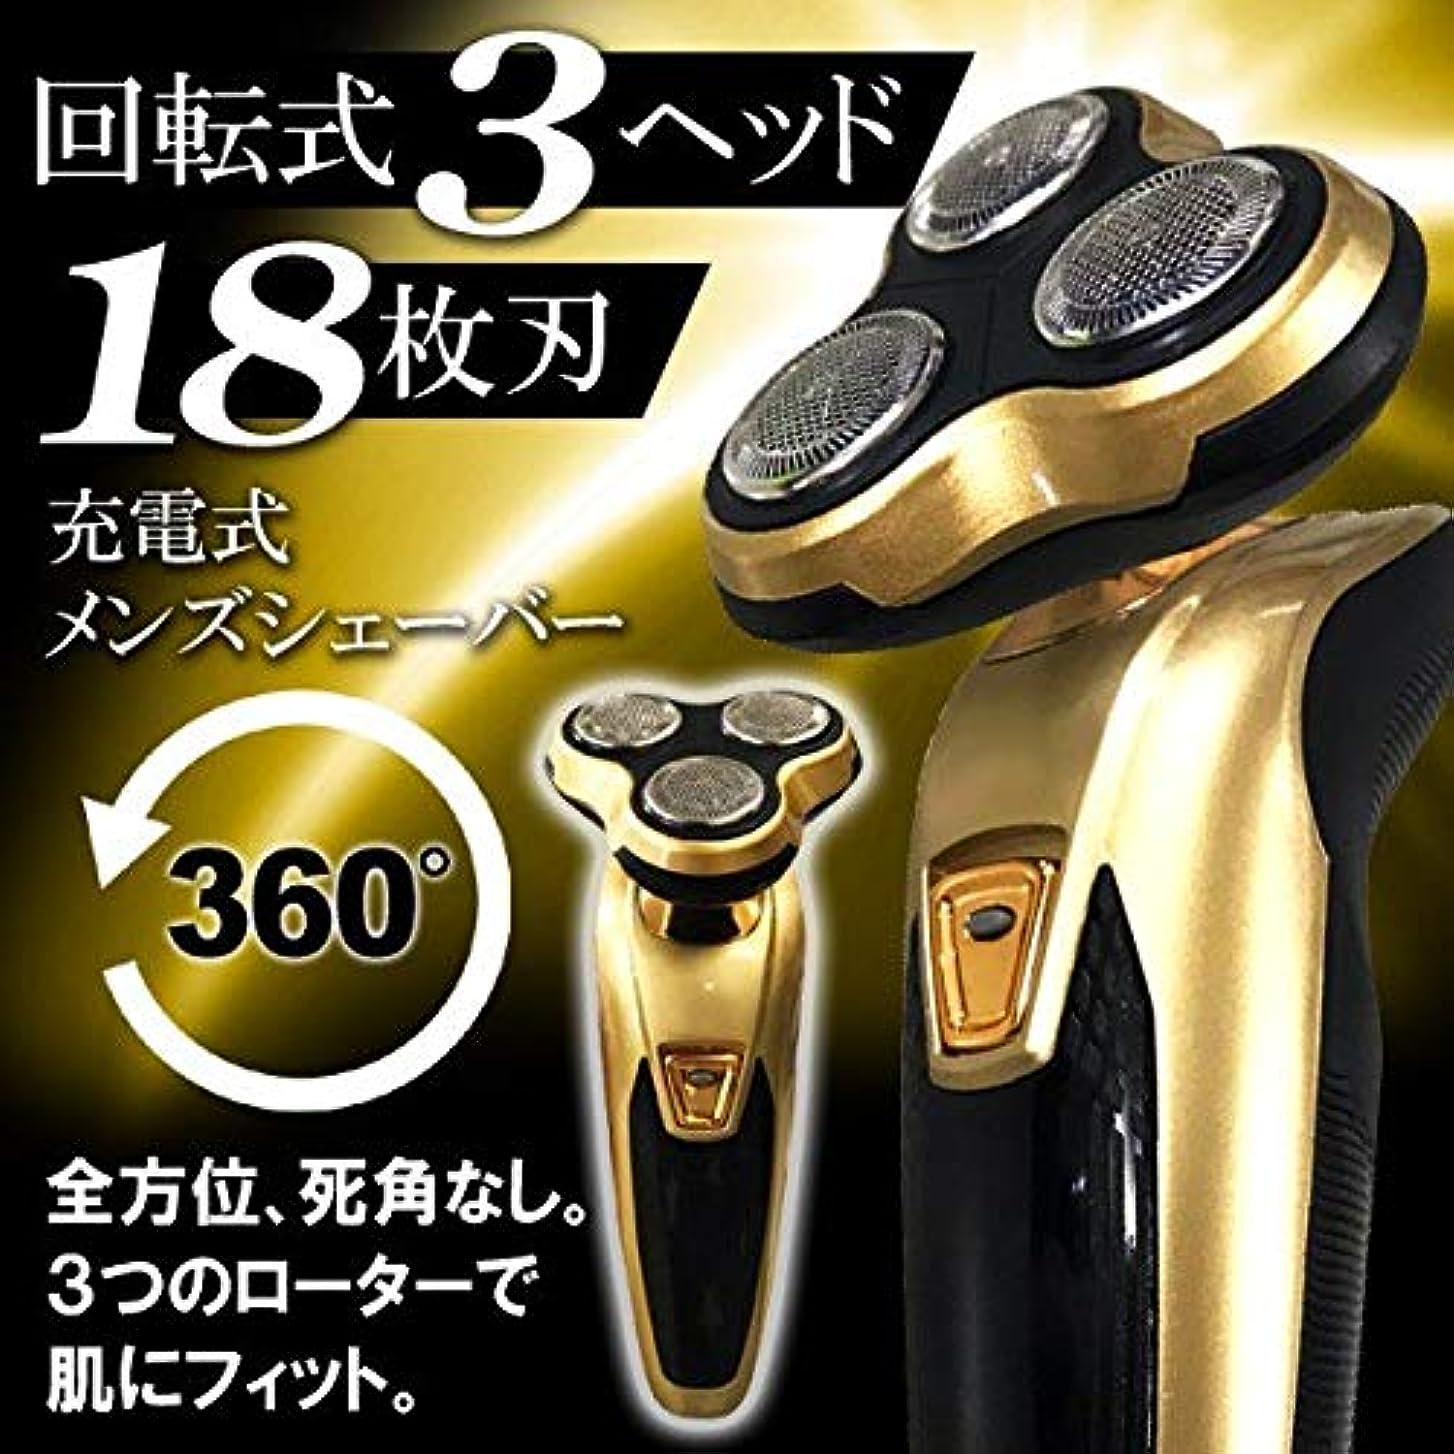 賢明なポットバランスのとれたYEP 電気シェーバー 3ヘッド搭載 充電式 メンズシェーバー 3in1 髭剃り 鼻毛カッター グルーミングヘッド